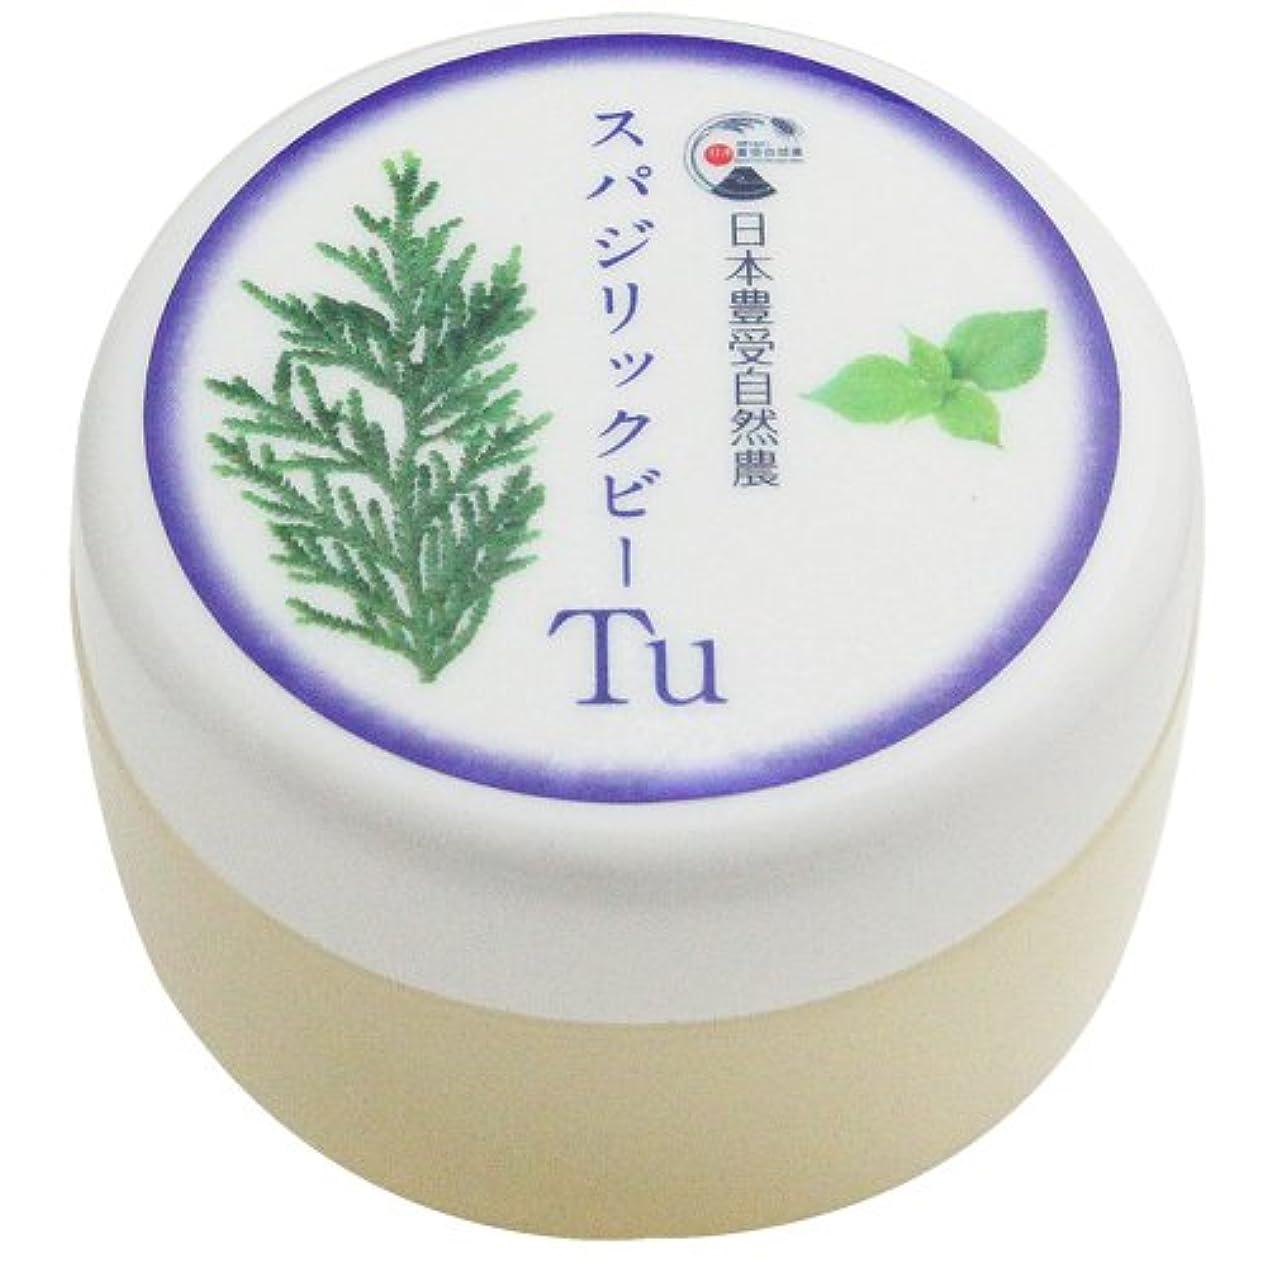 フレア承認台無しに日本豊受自然農 スパジリック ビーTu(特大) 135g